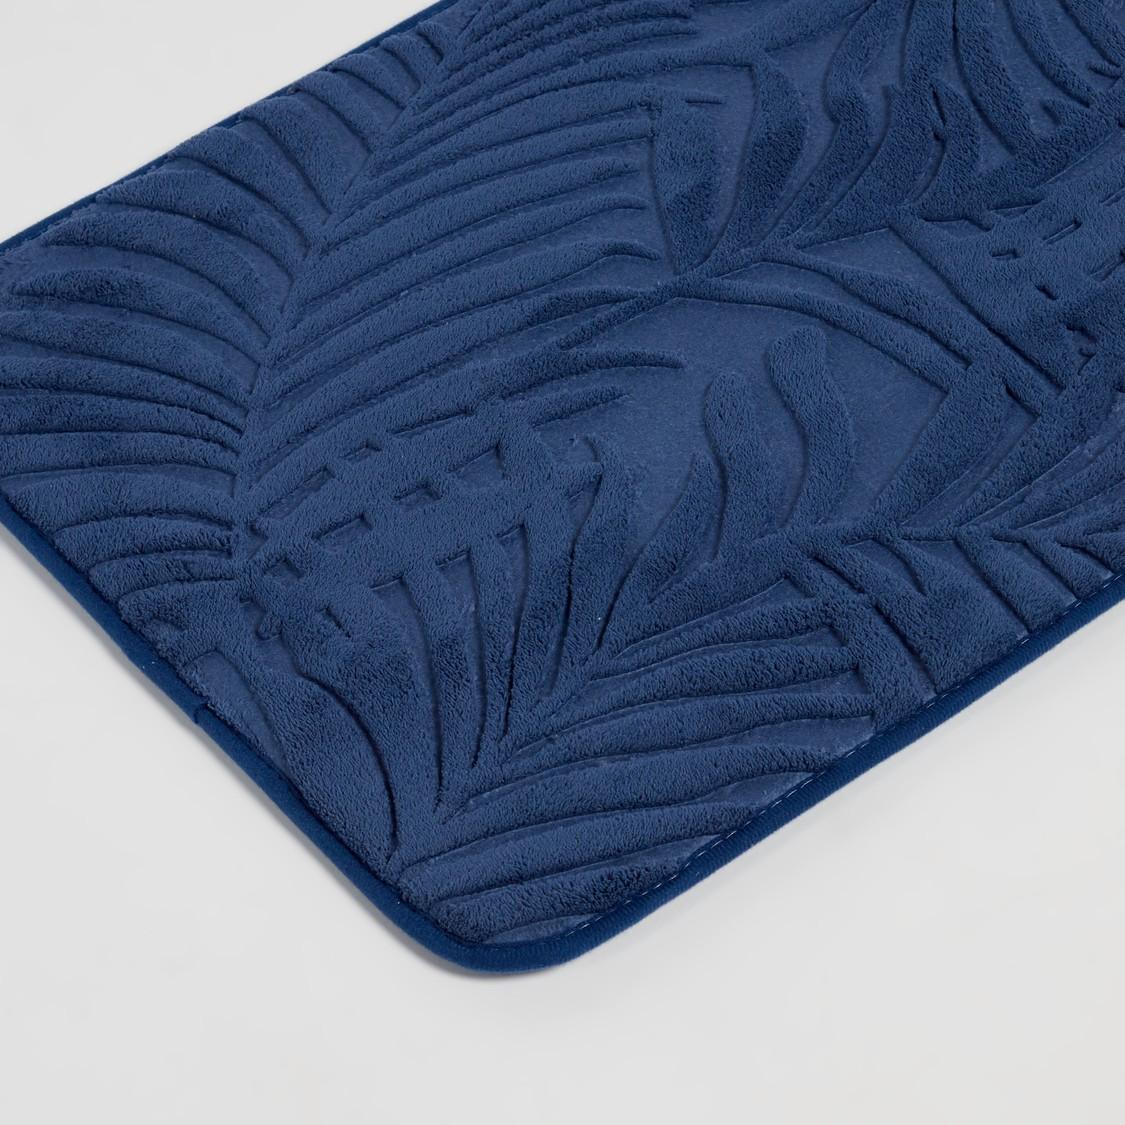 سجادة حمام مستطيلة بارزة الملمس بتفاصيل اوراق شجر - 70x45 سم